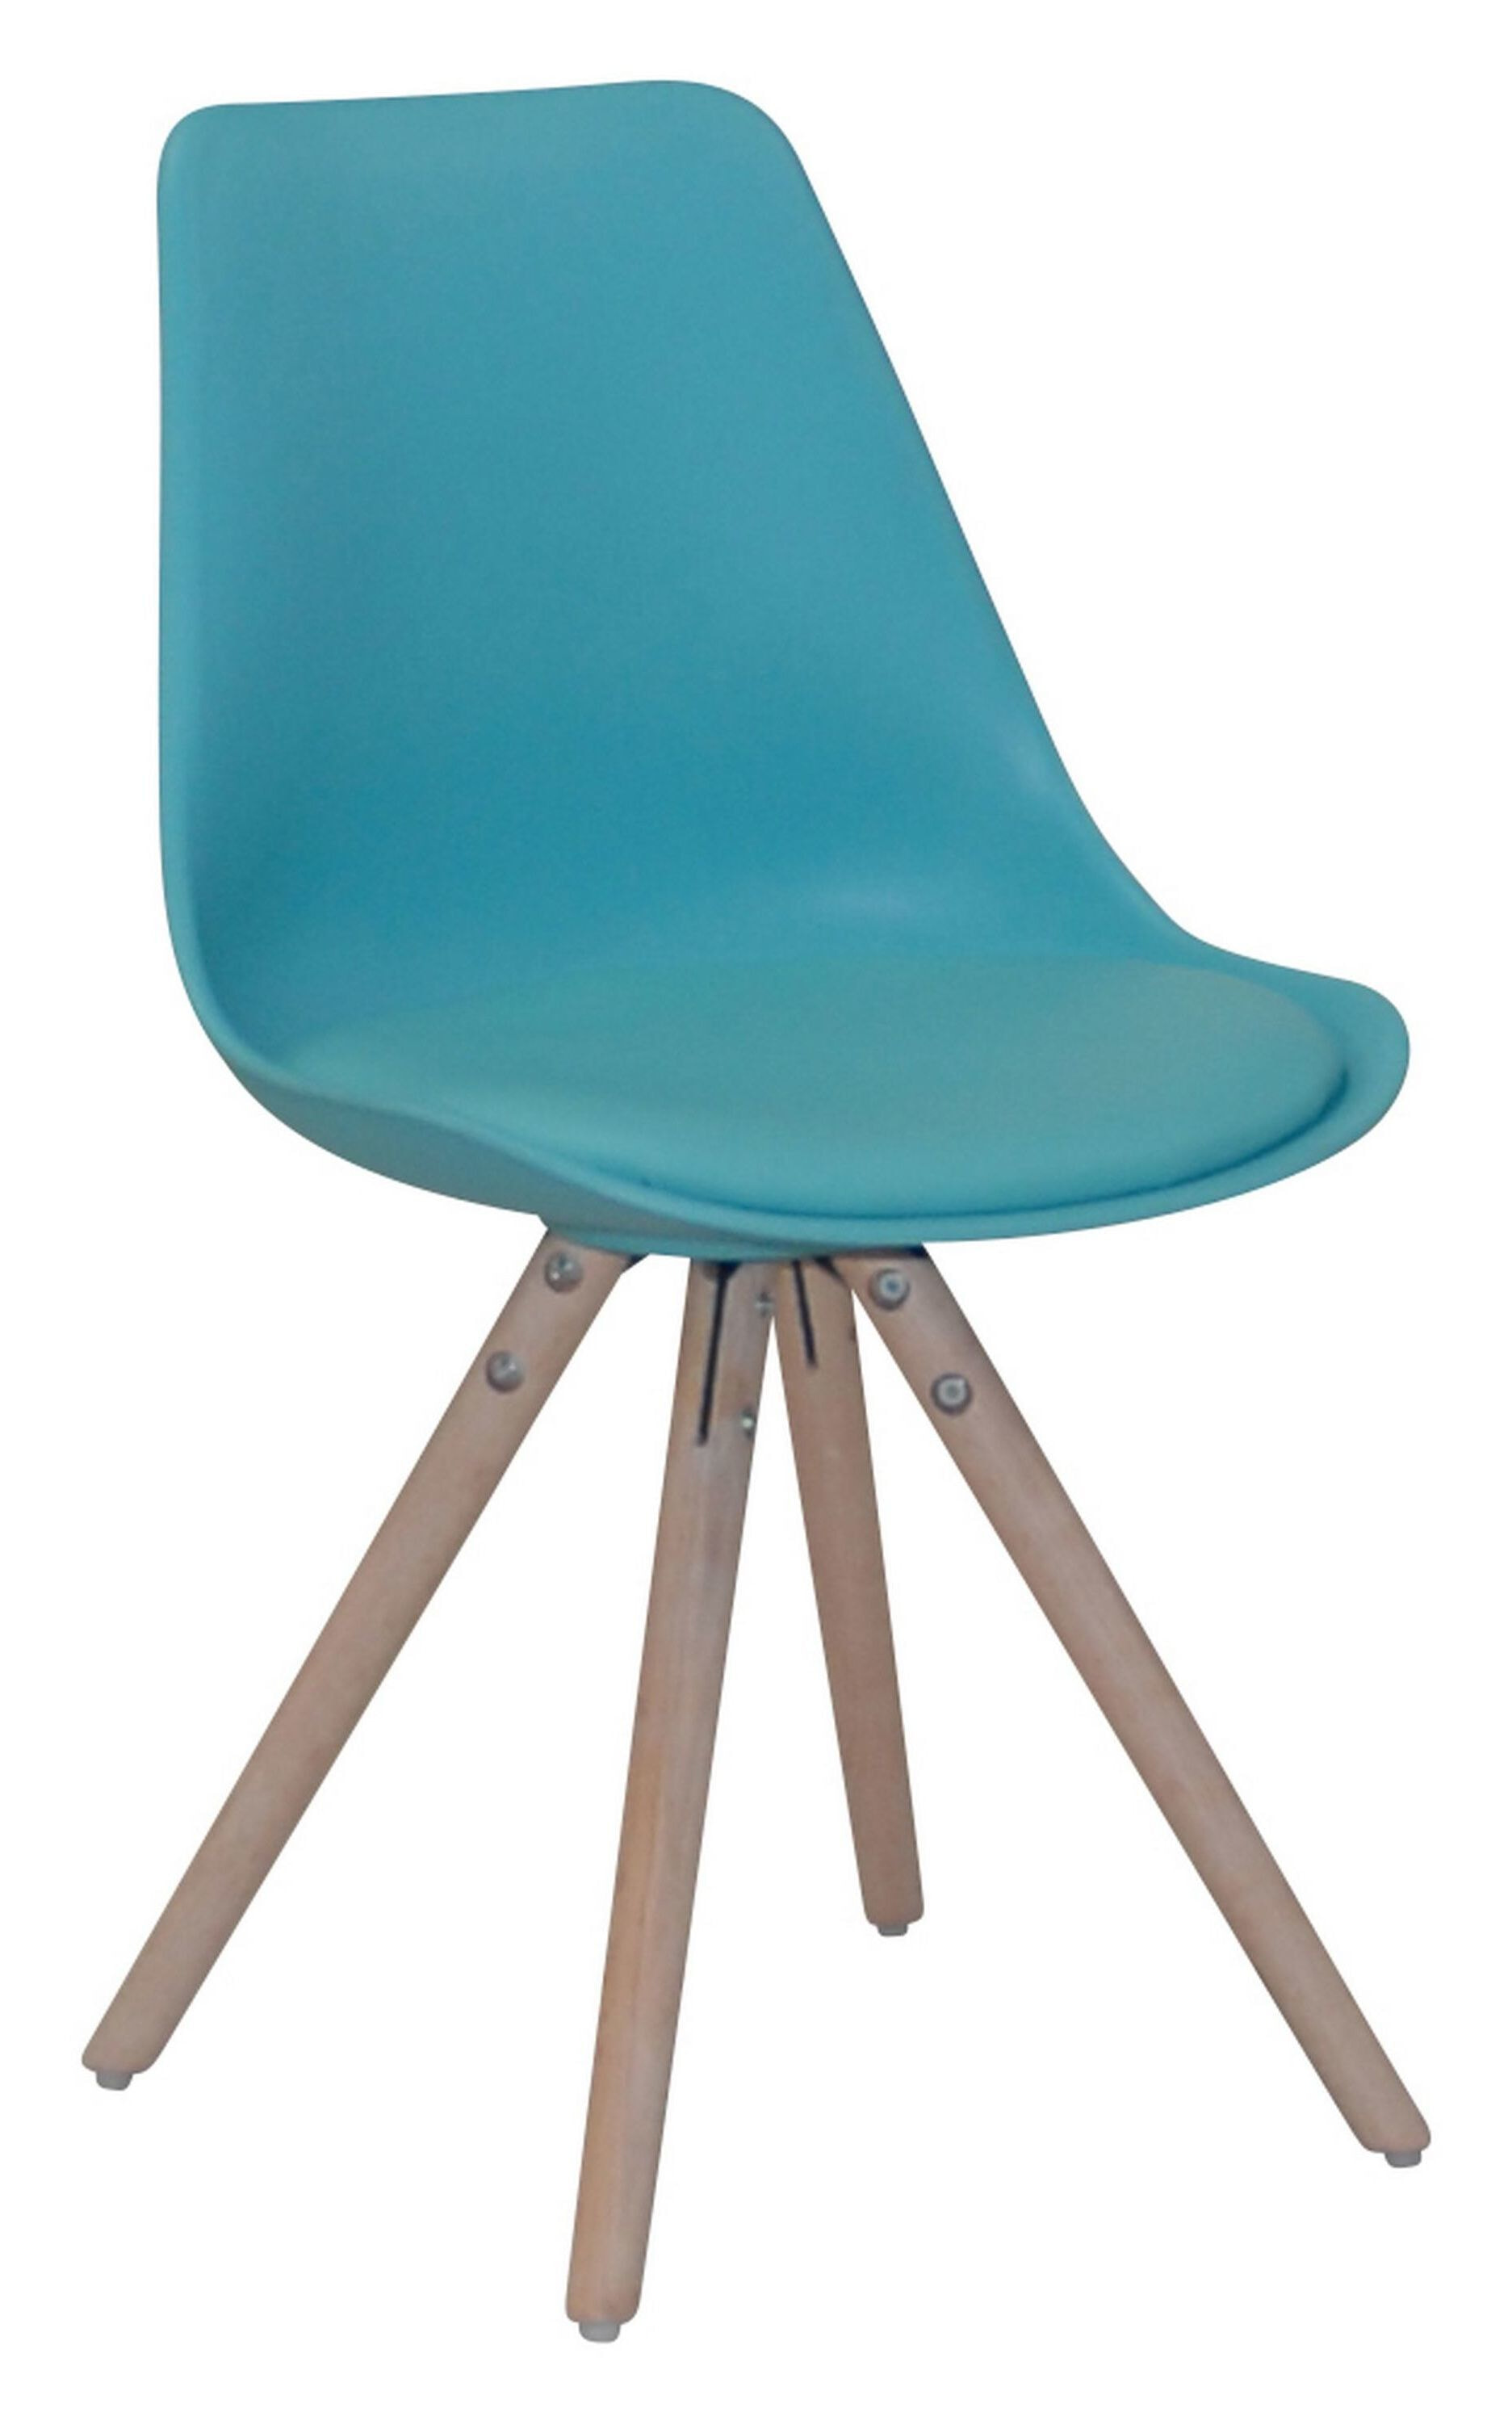 Eetkamerstoel 'Albacete', kleur turquoise